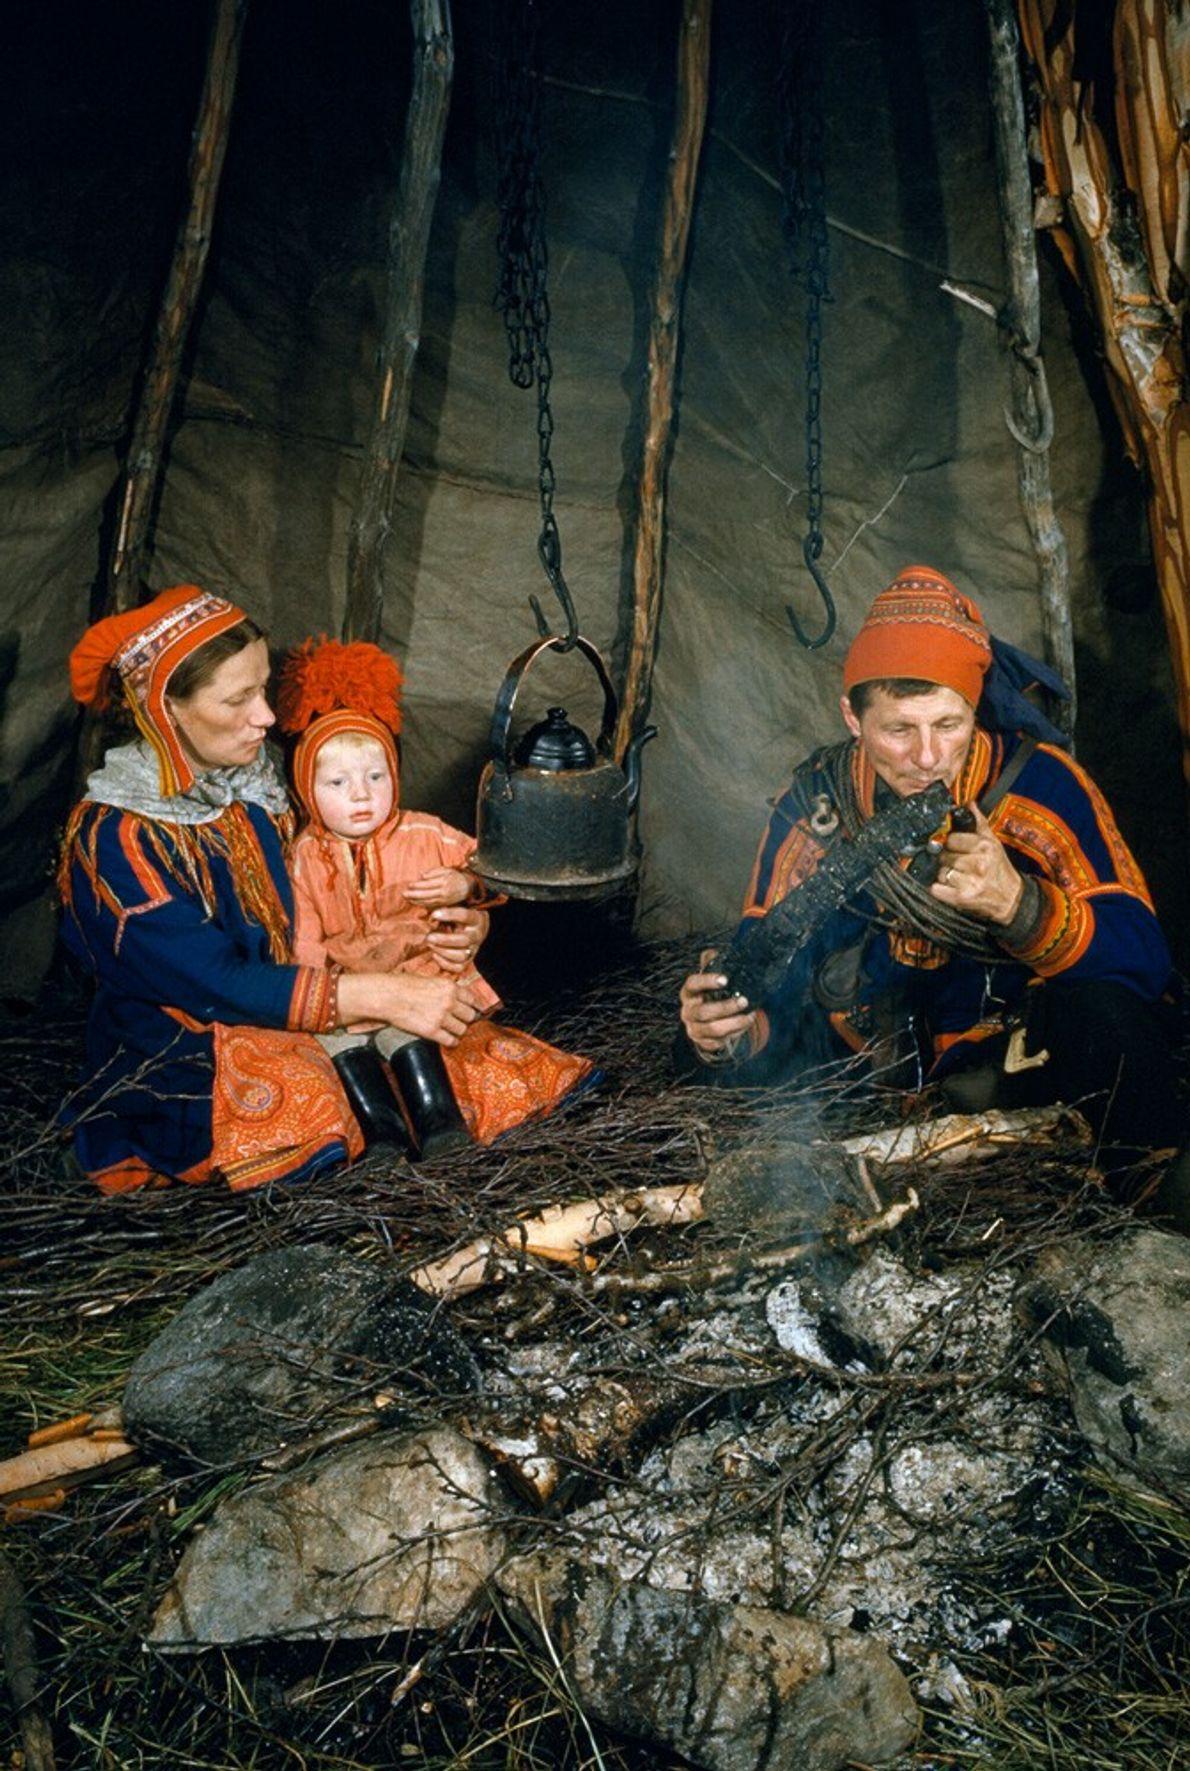 Familia sami sentada alrededor de una hoguera